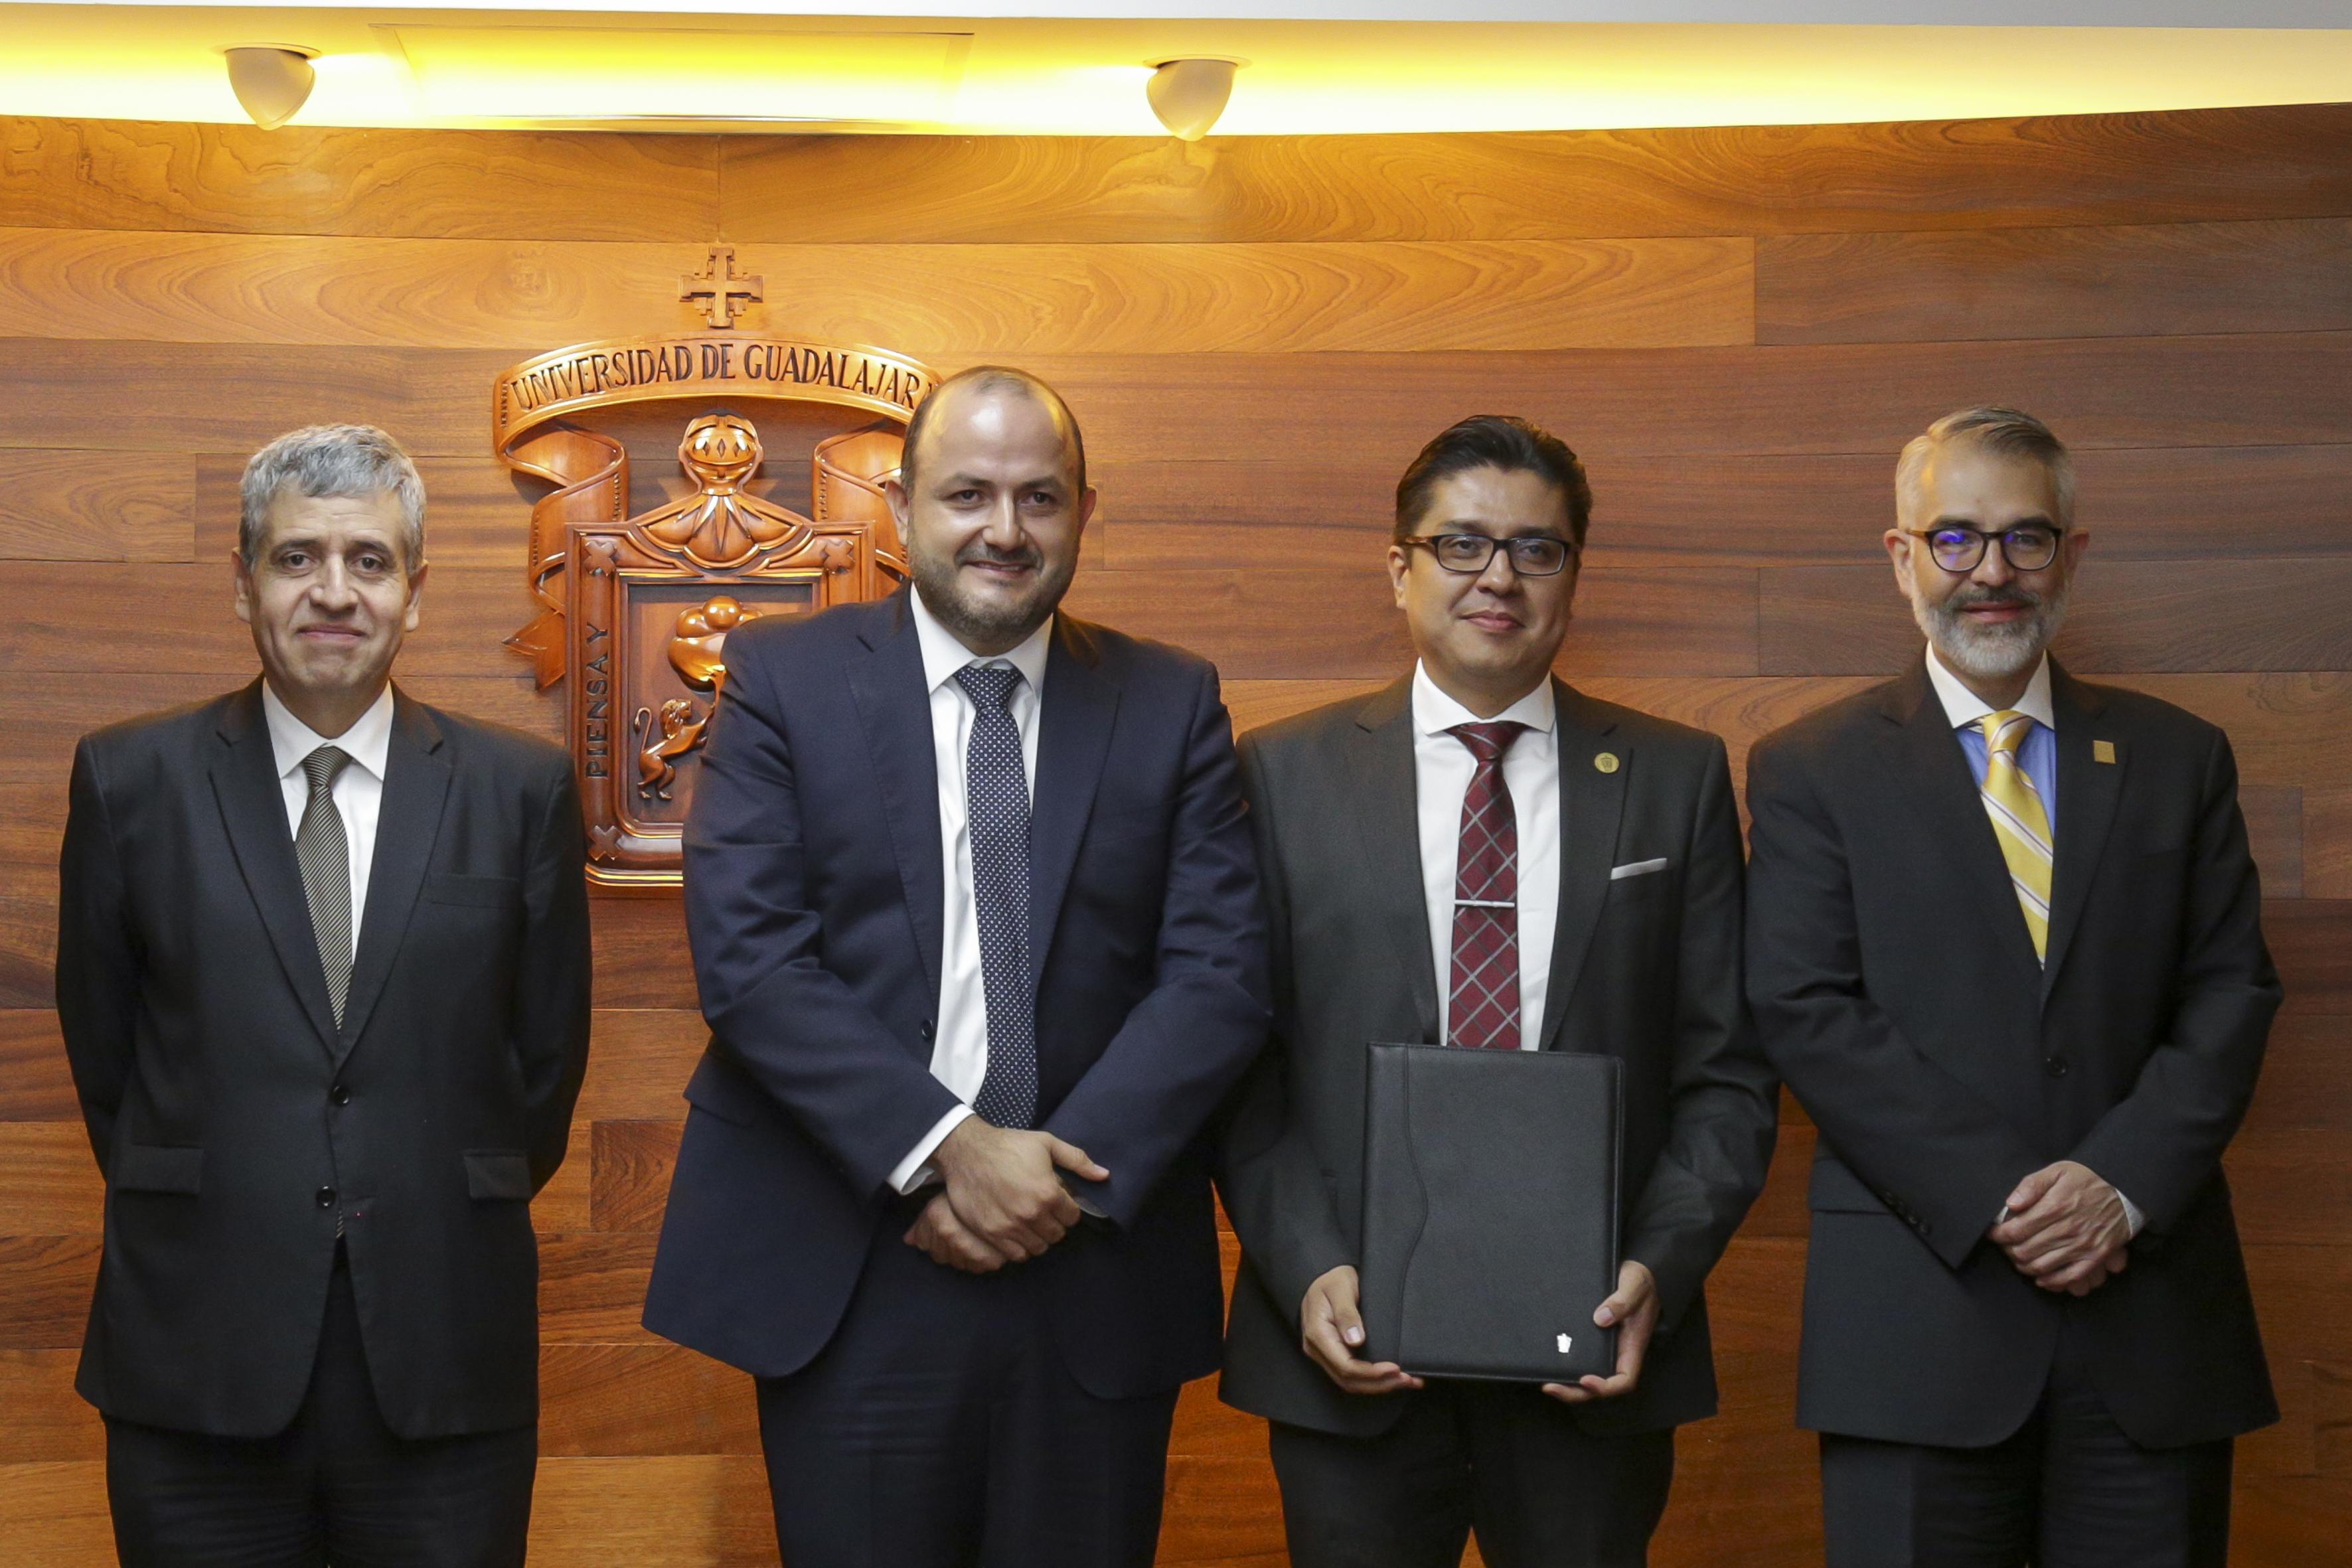 Rector CUCS con nombramiento en mano en compañía del Rector General, Vicerrector y Secretario de la UdeG